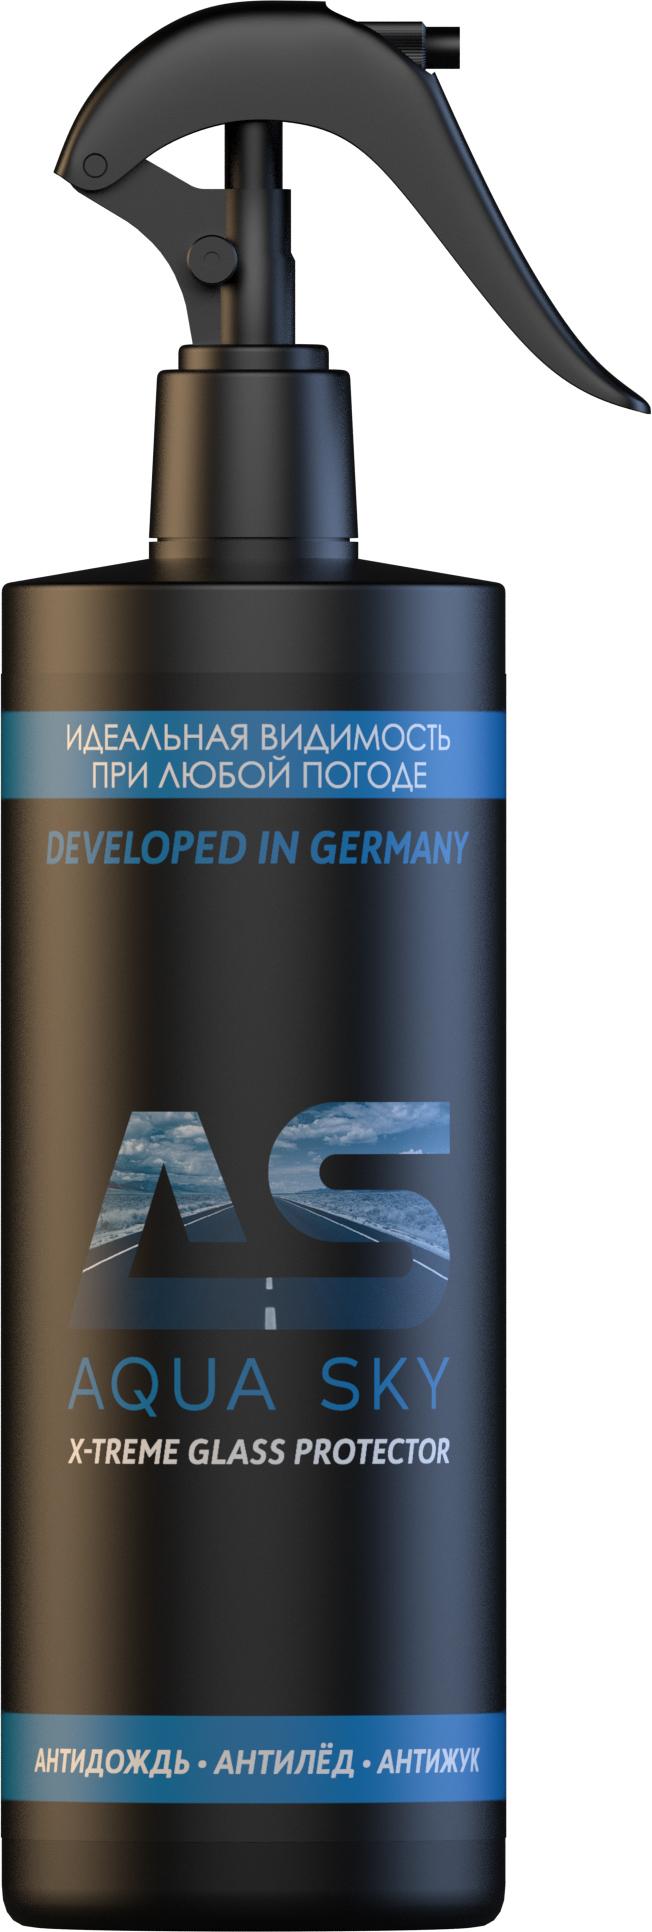 Полироль для автостекол AQUA SKY жидкое стекло, антидождь X-treme glass protector, 400мл